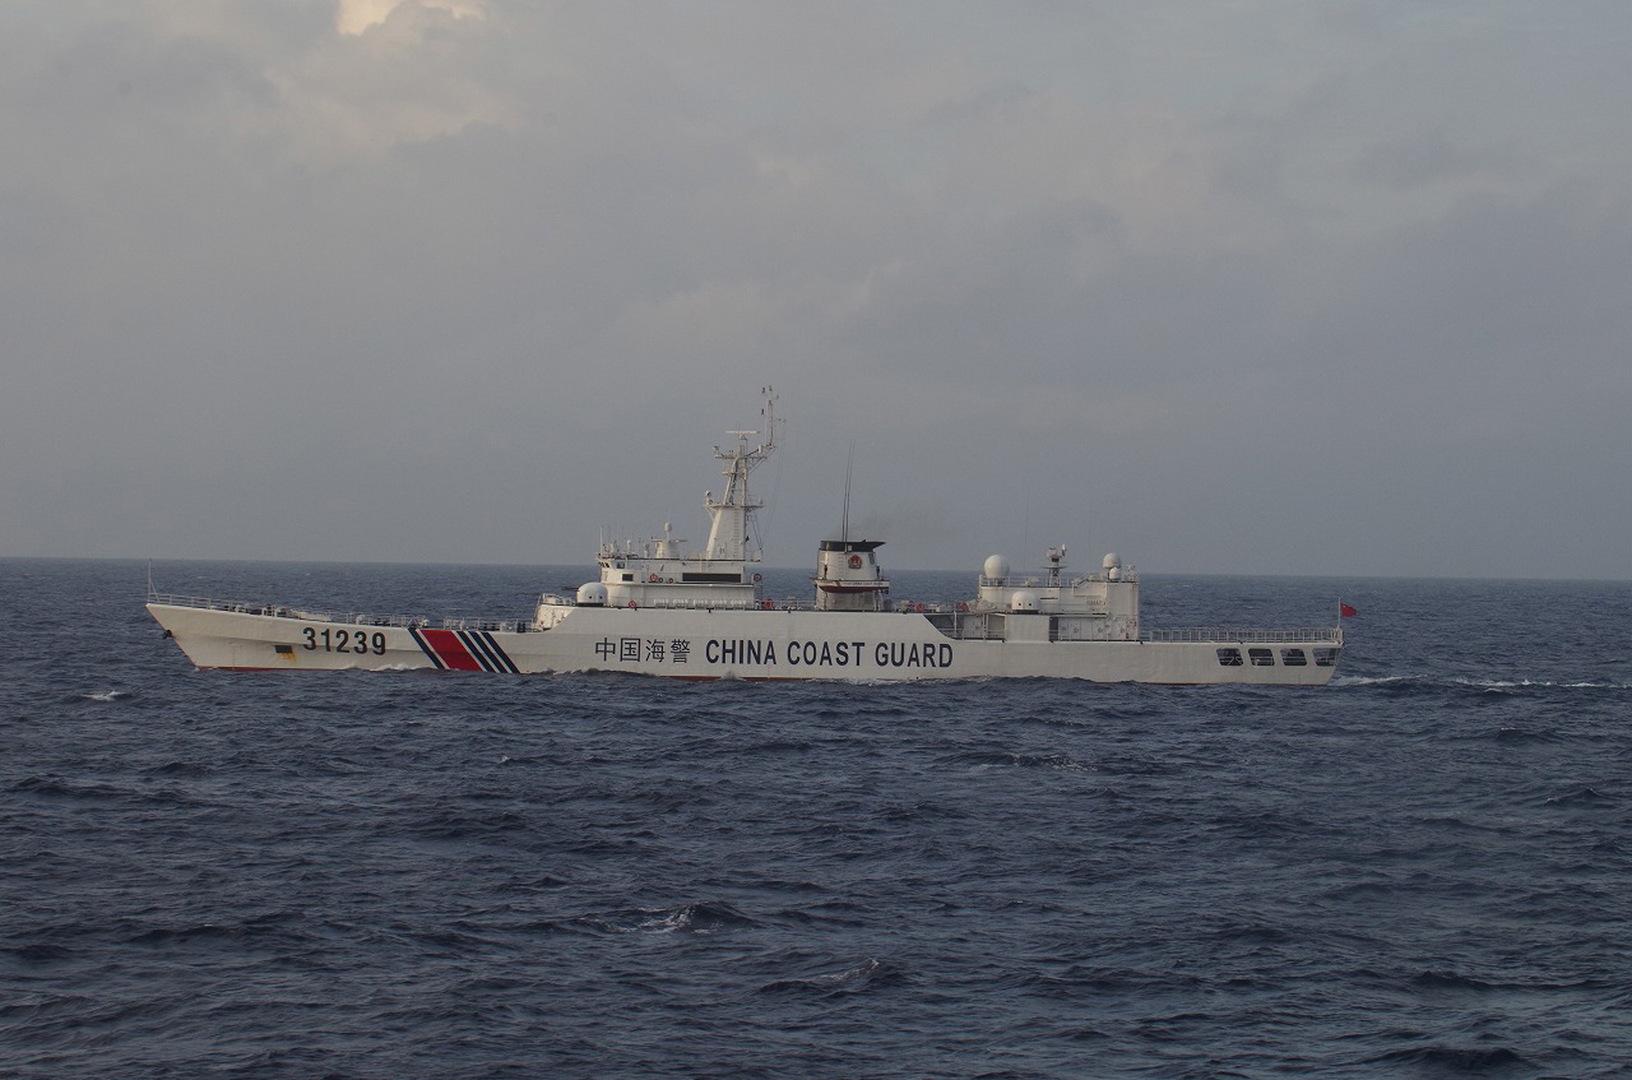 سفن عسكرية صينية تقترب من جزر متنازع عليها مع اليابان